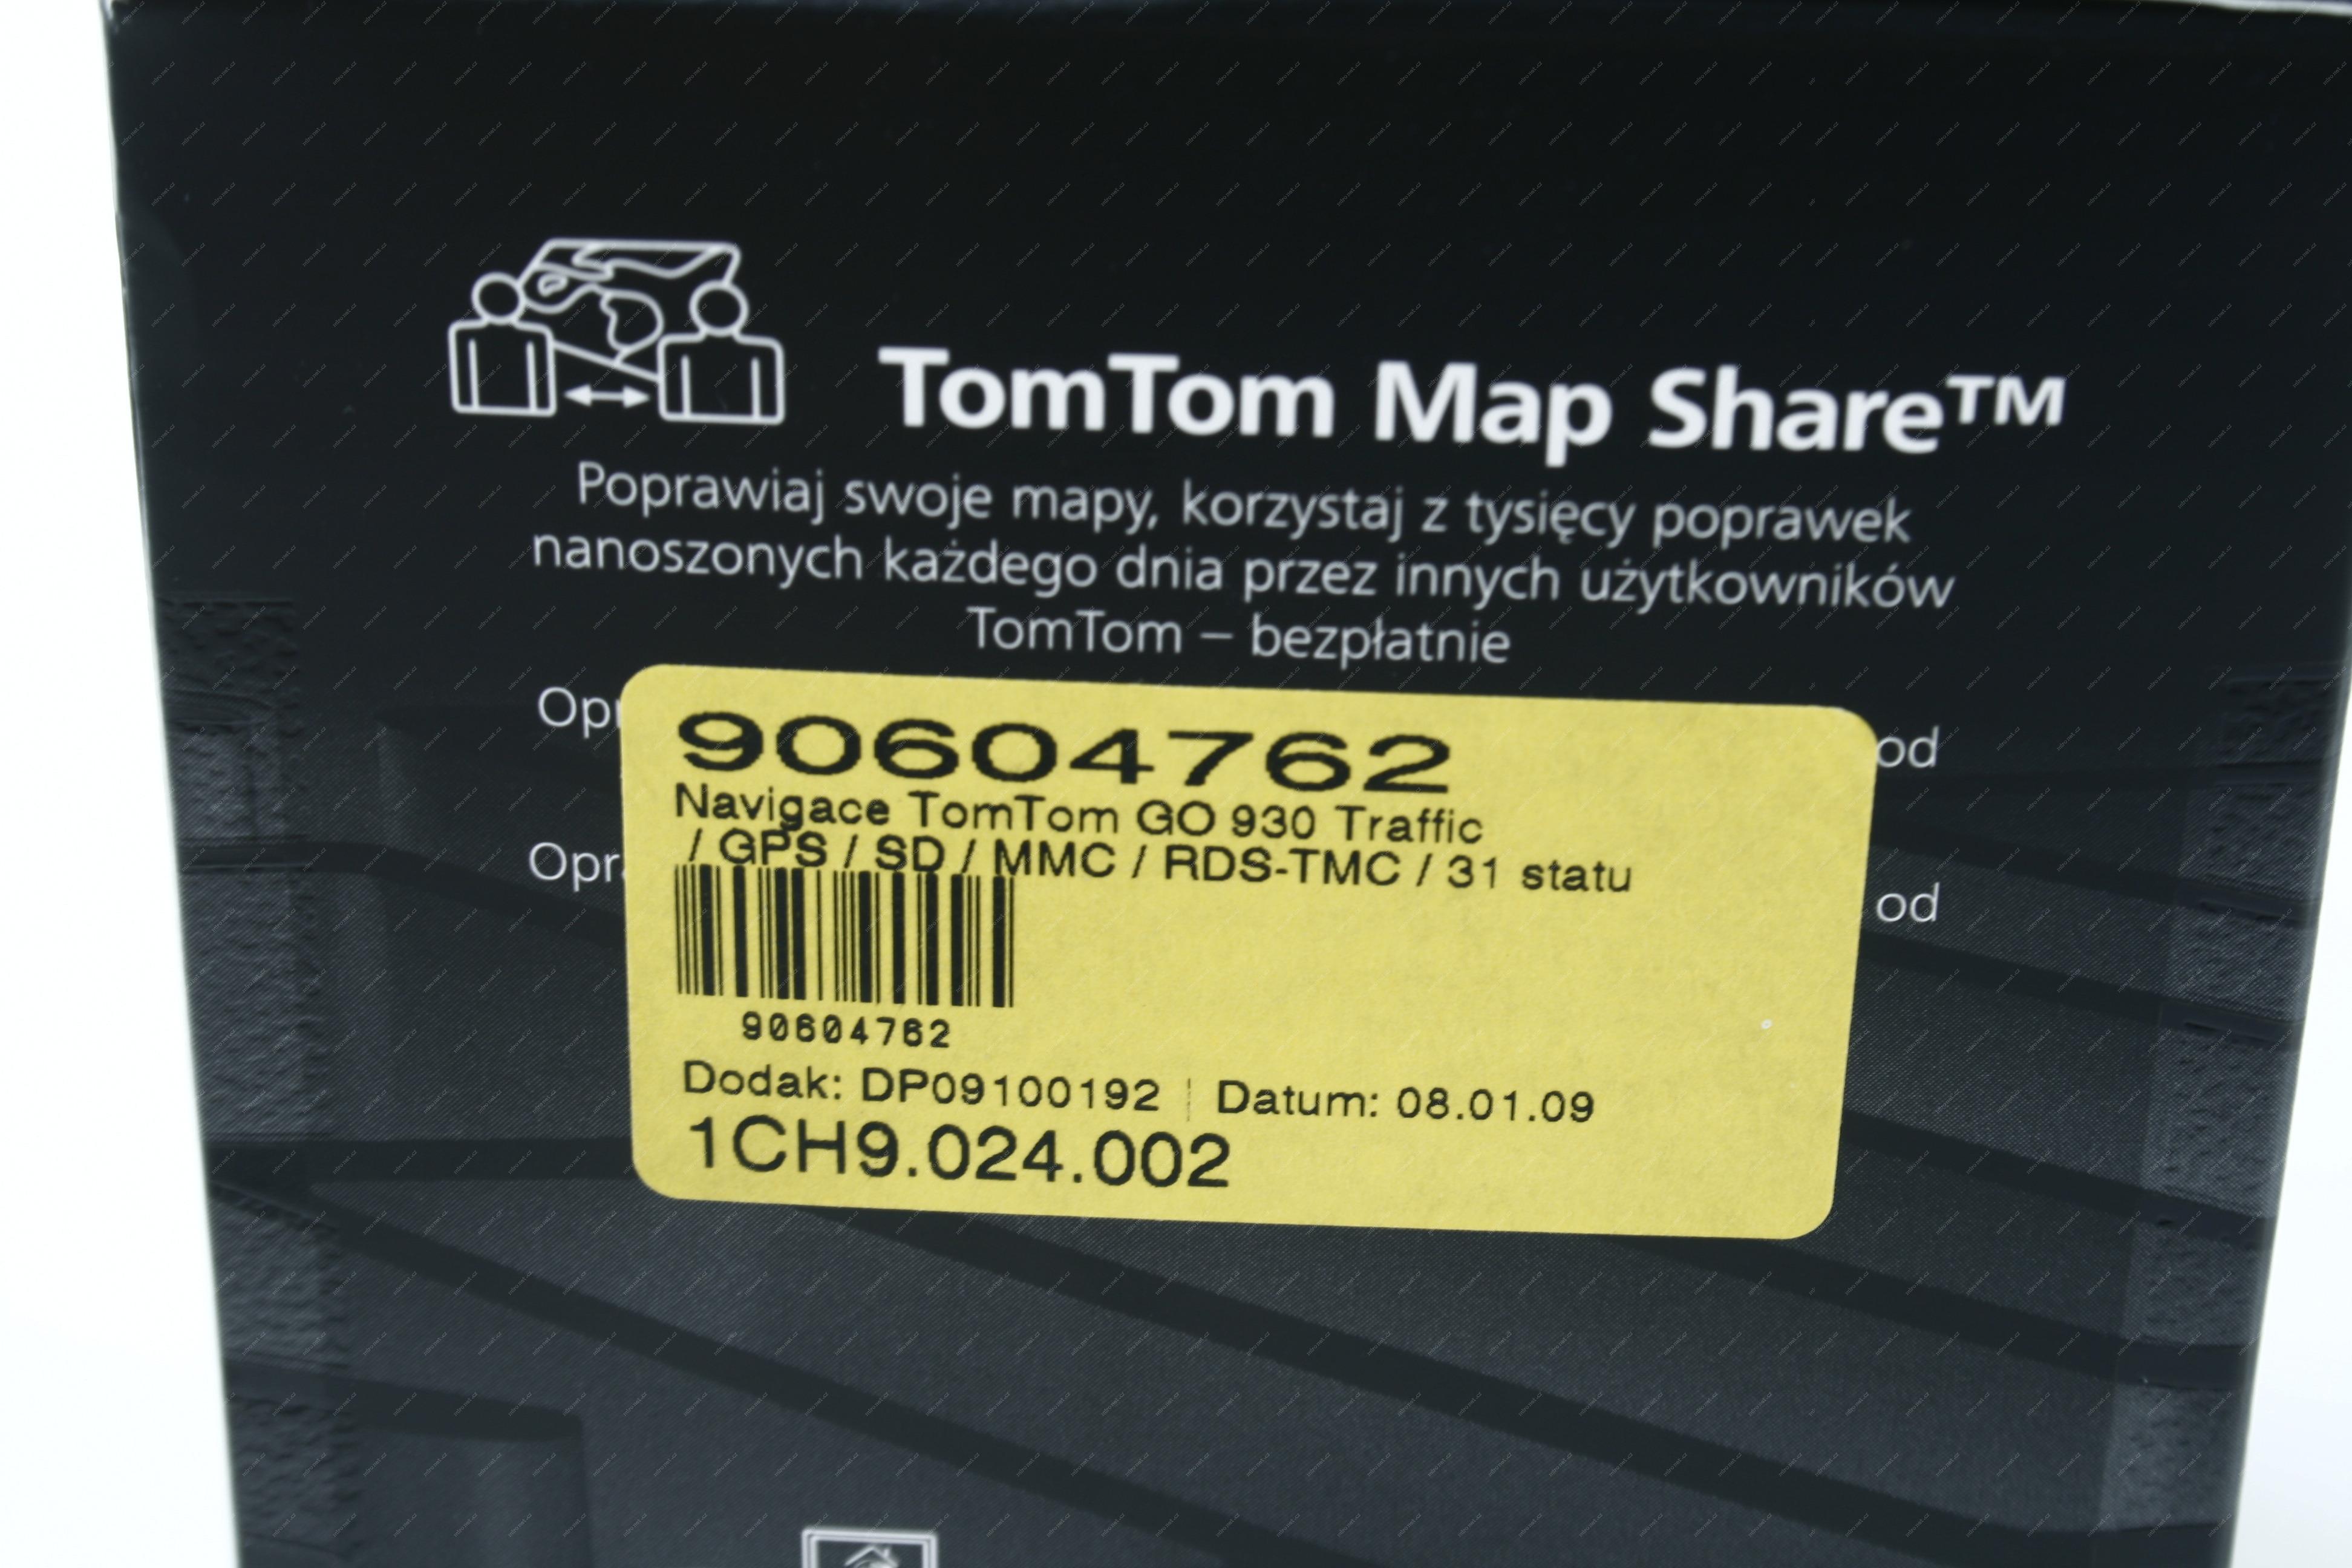 Navigace TomTom GO 930 Traffic | Mironet cz